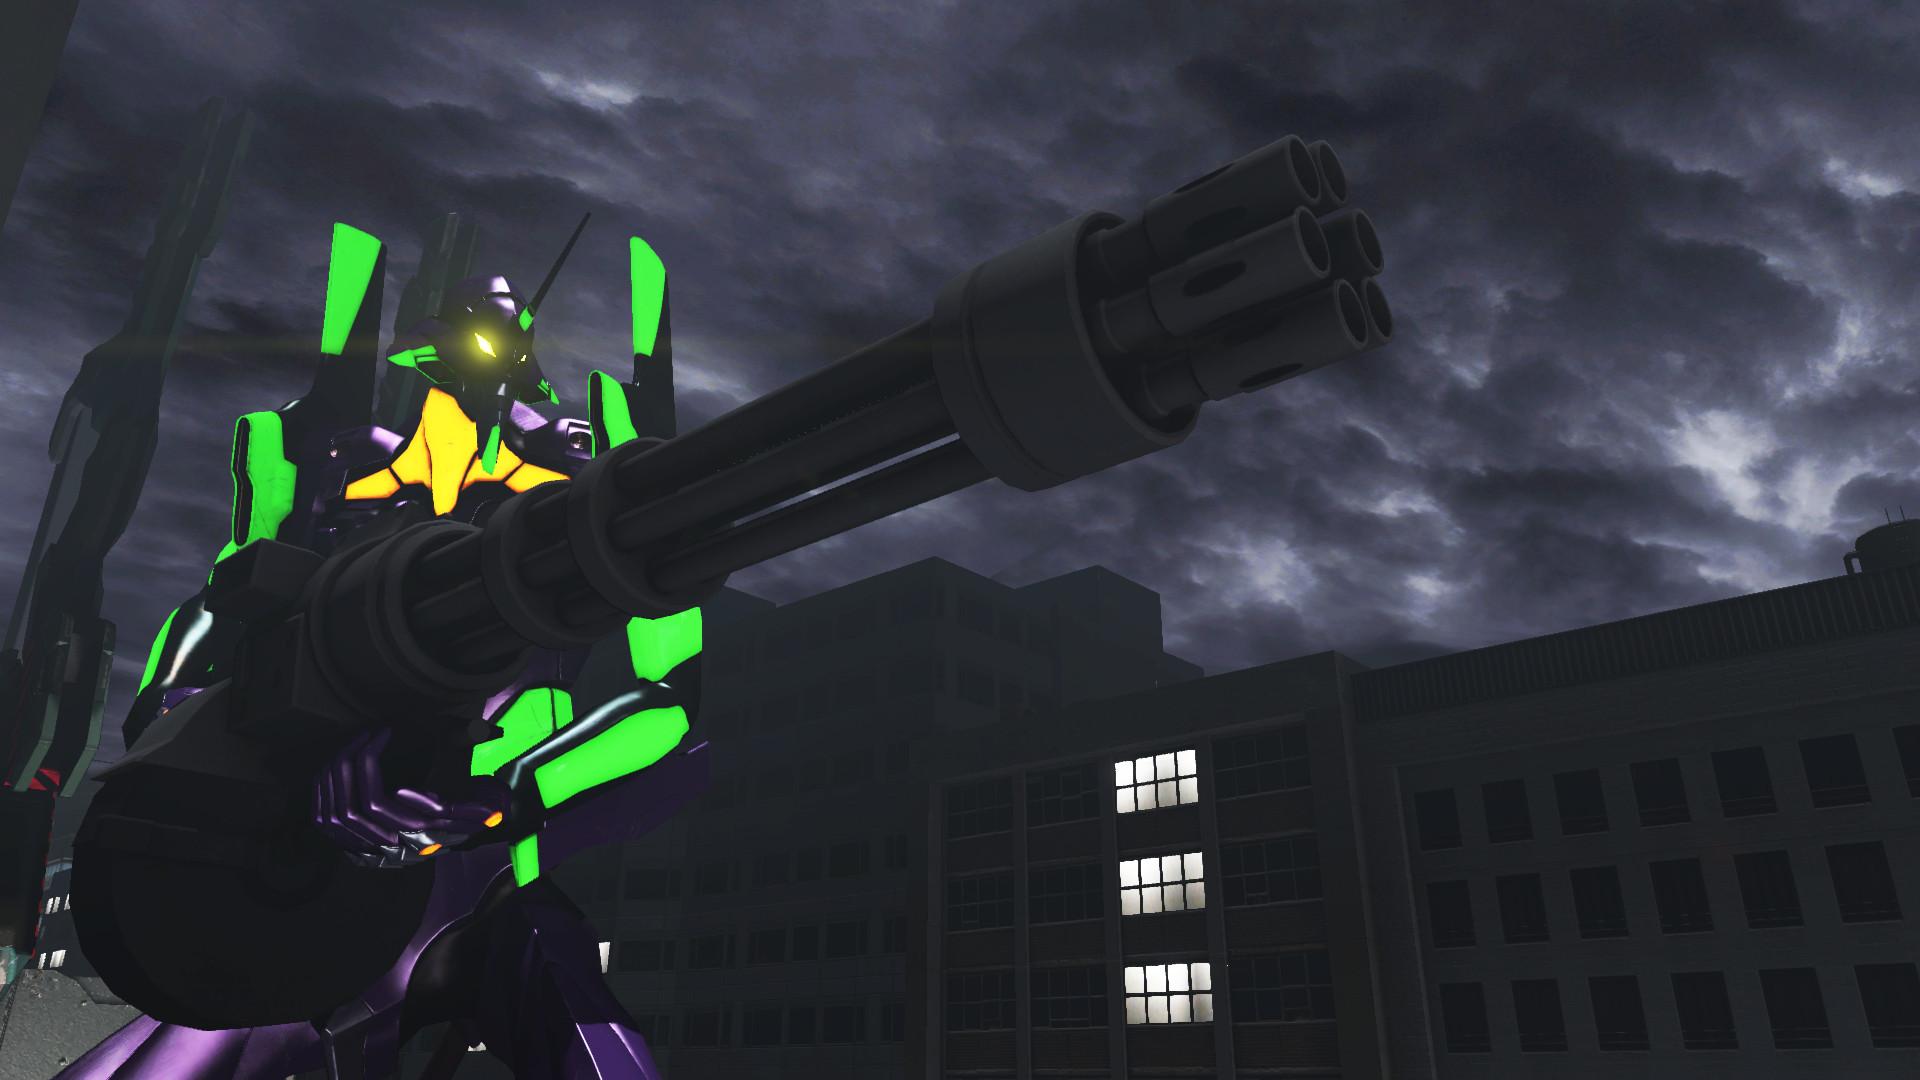 SFサバイバル・アクションアドベンチャー「巨影都市」,第3の巨影の正体は「汎用ヒト型決戦兵器」。新たな巨影のシルエットも公開SFサバイバル・アクションアドベンチャー「巨影都市」,第3の巨影の正体は「汎用ヒト型決戦兵器」。新たな巨影のシルエットも公開